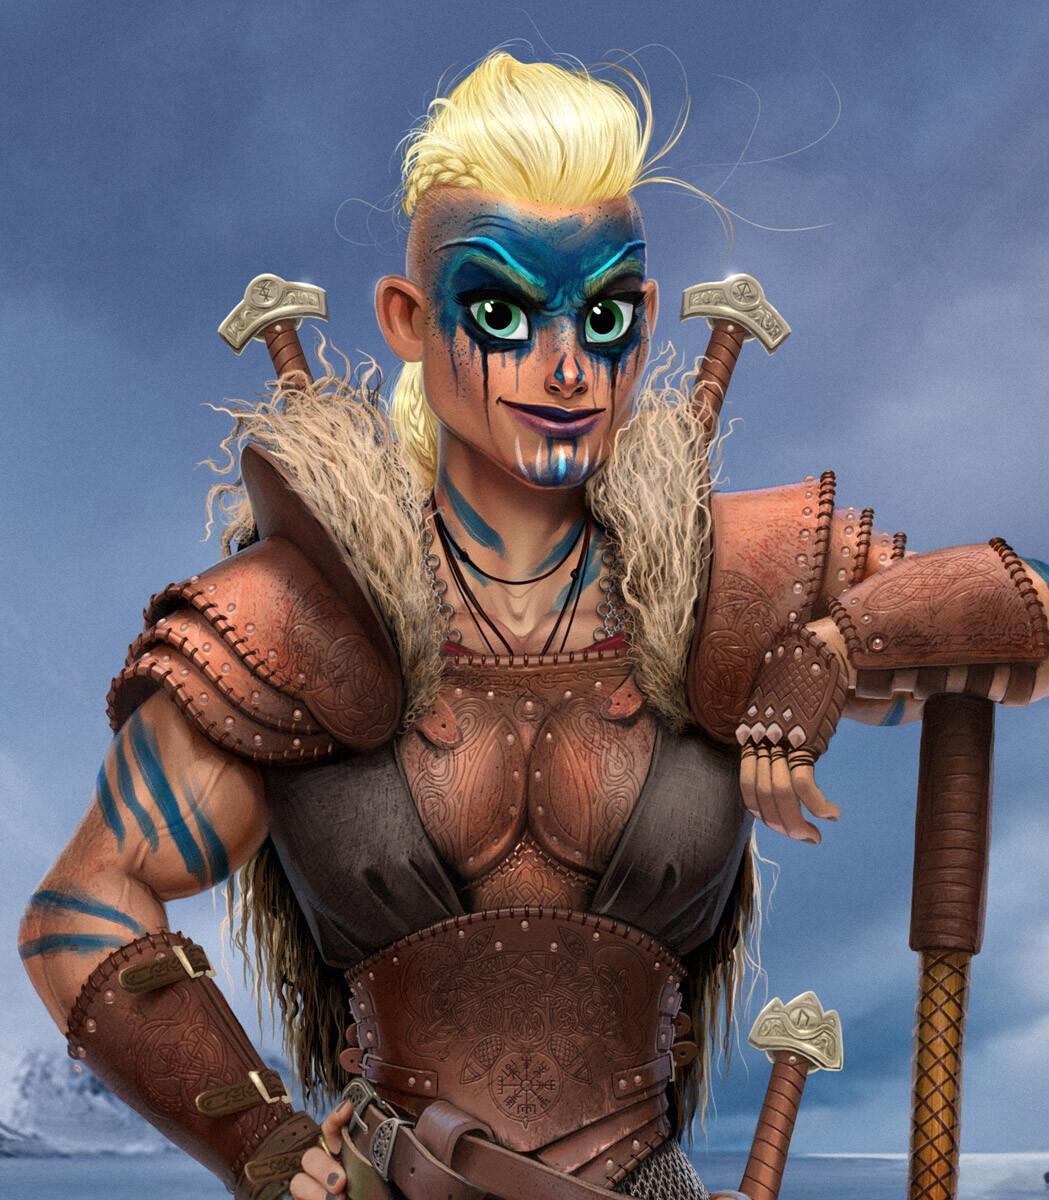 The Valkyrie Brynhildr